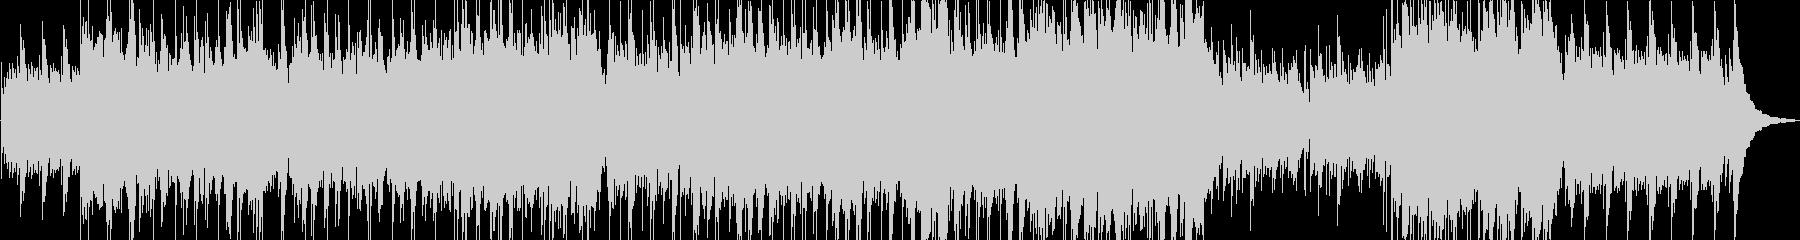 ギターのアルペジオの未再生の波形